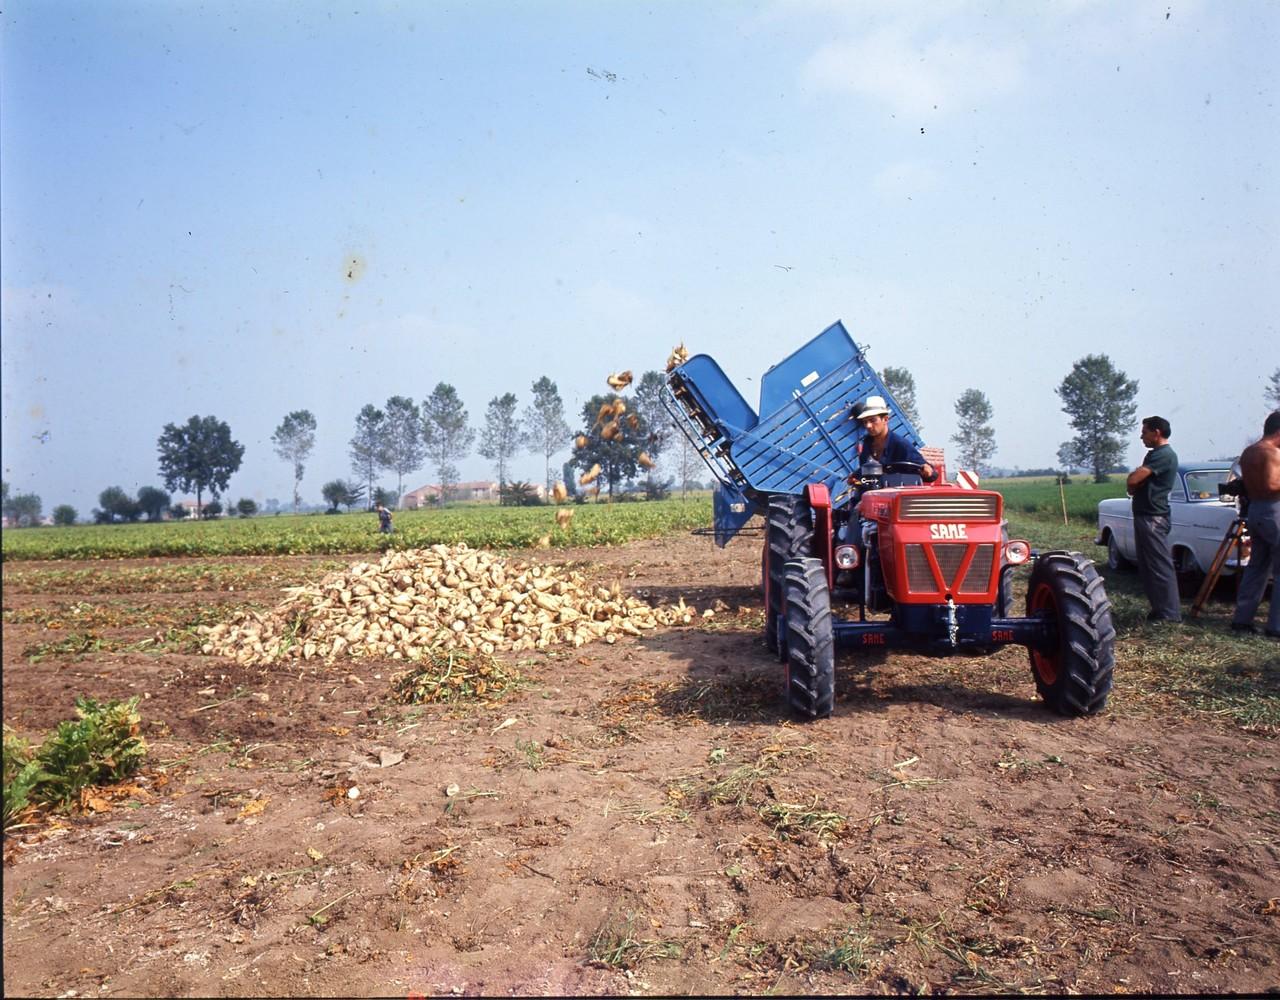 [SAME] Fotocolor Centauro e Leone in raccolta barbabietole a Piacenza, 7/9/66